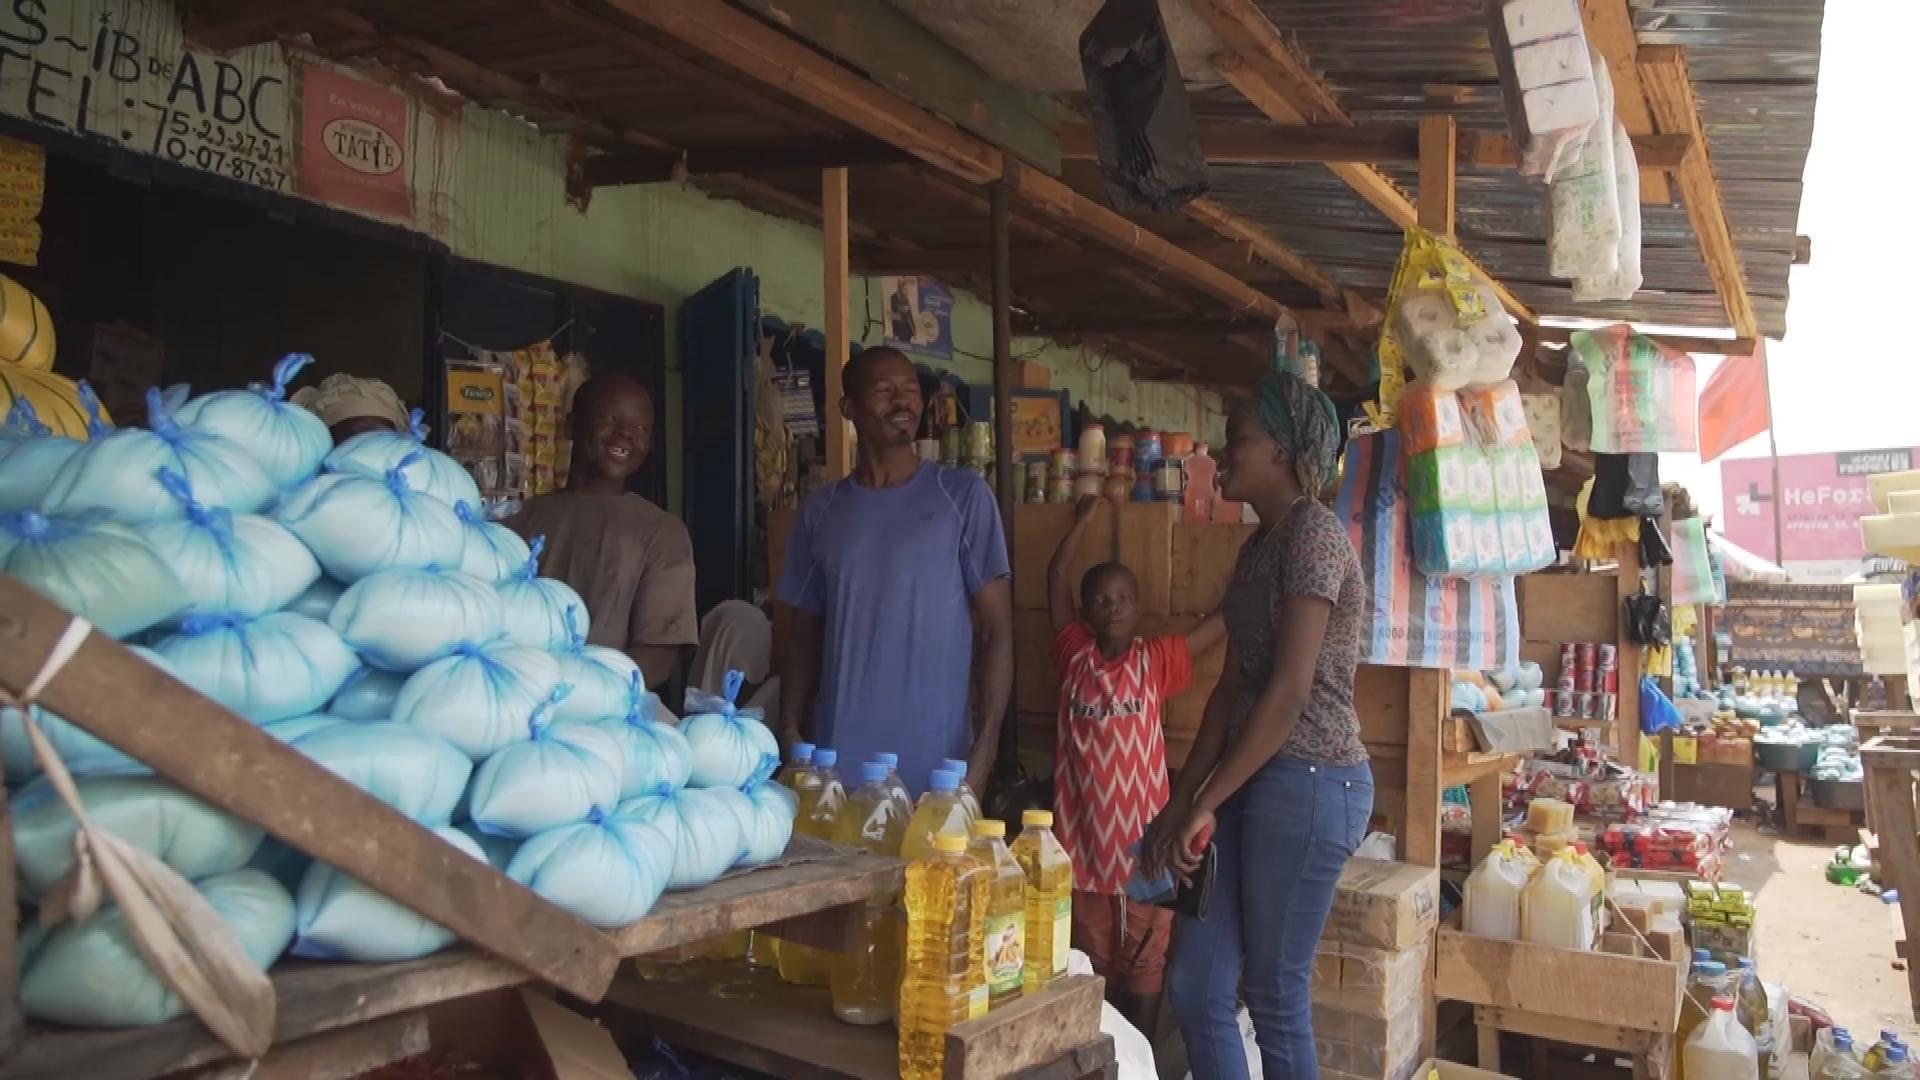 Centrafrique : pénurie inquiétante de marchandises à Bangui